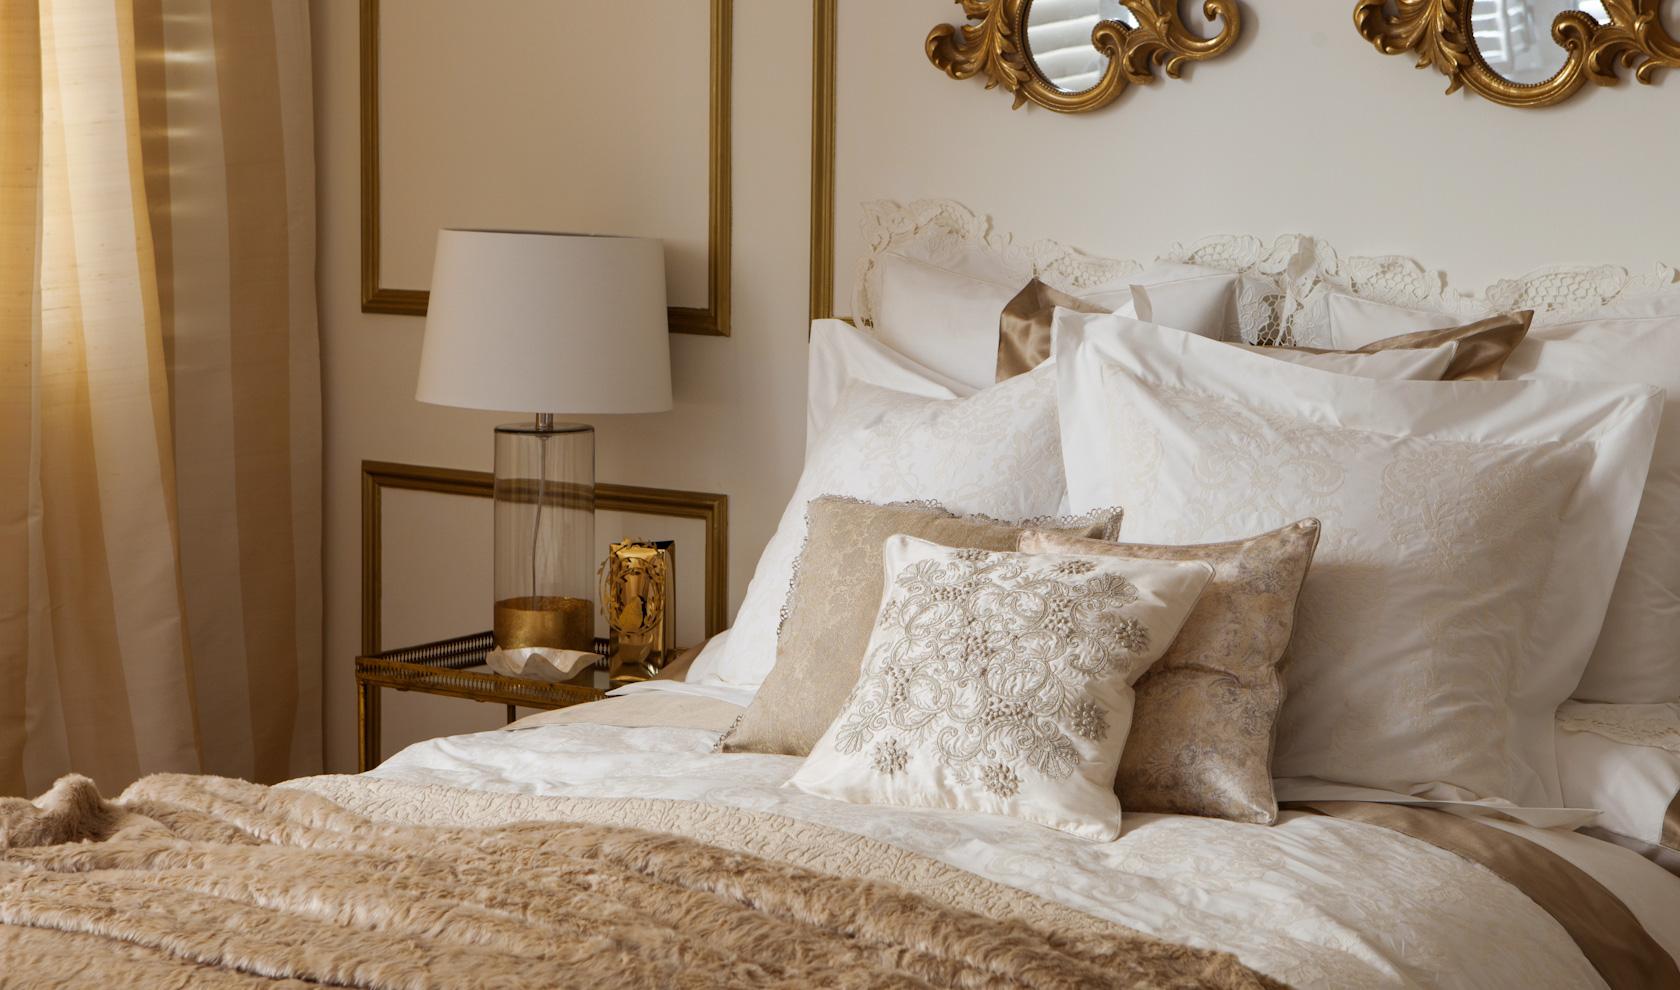 Viste tu cama para el invierno blog de dia for Camas de zara home